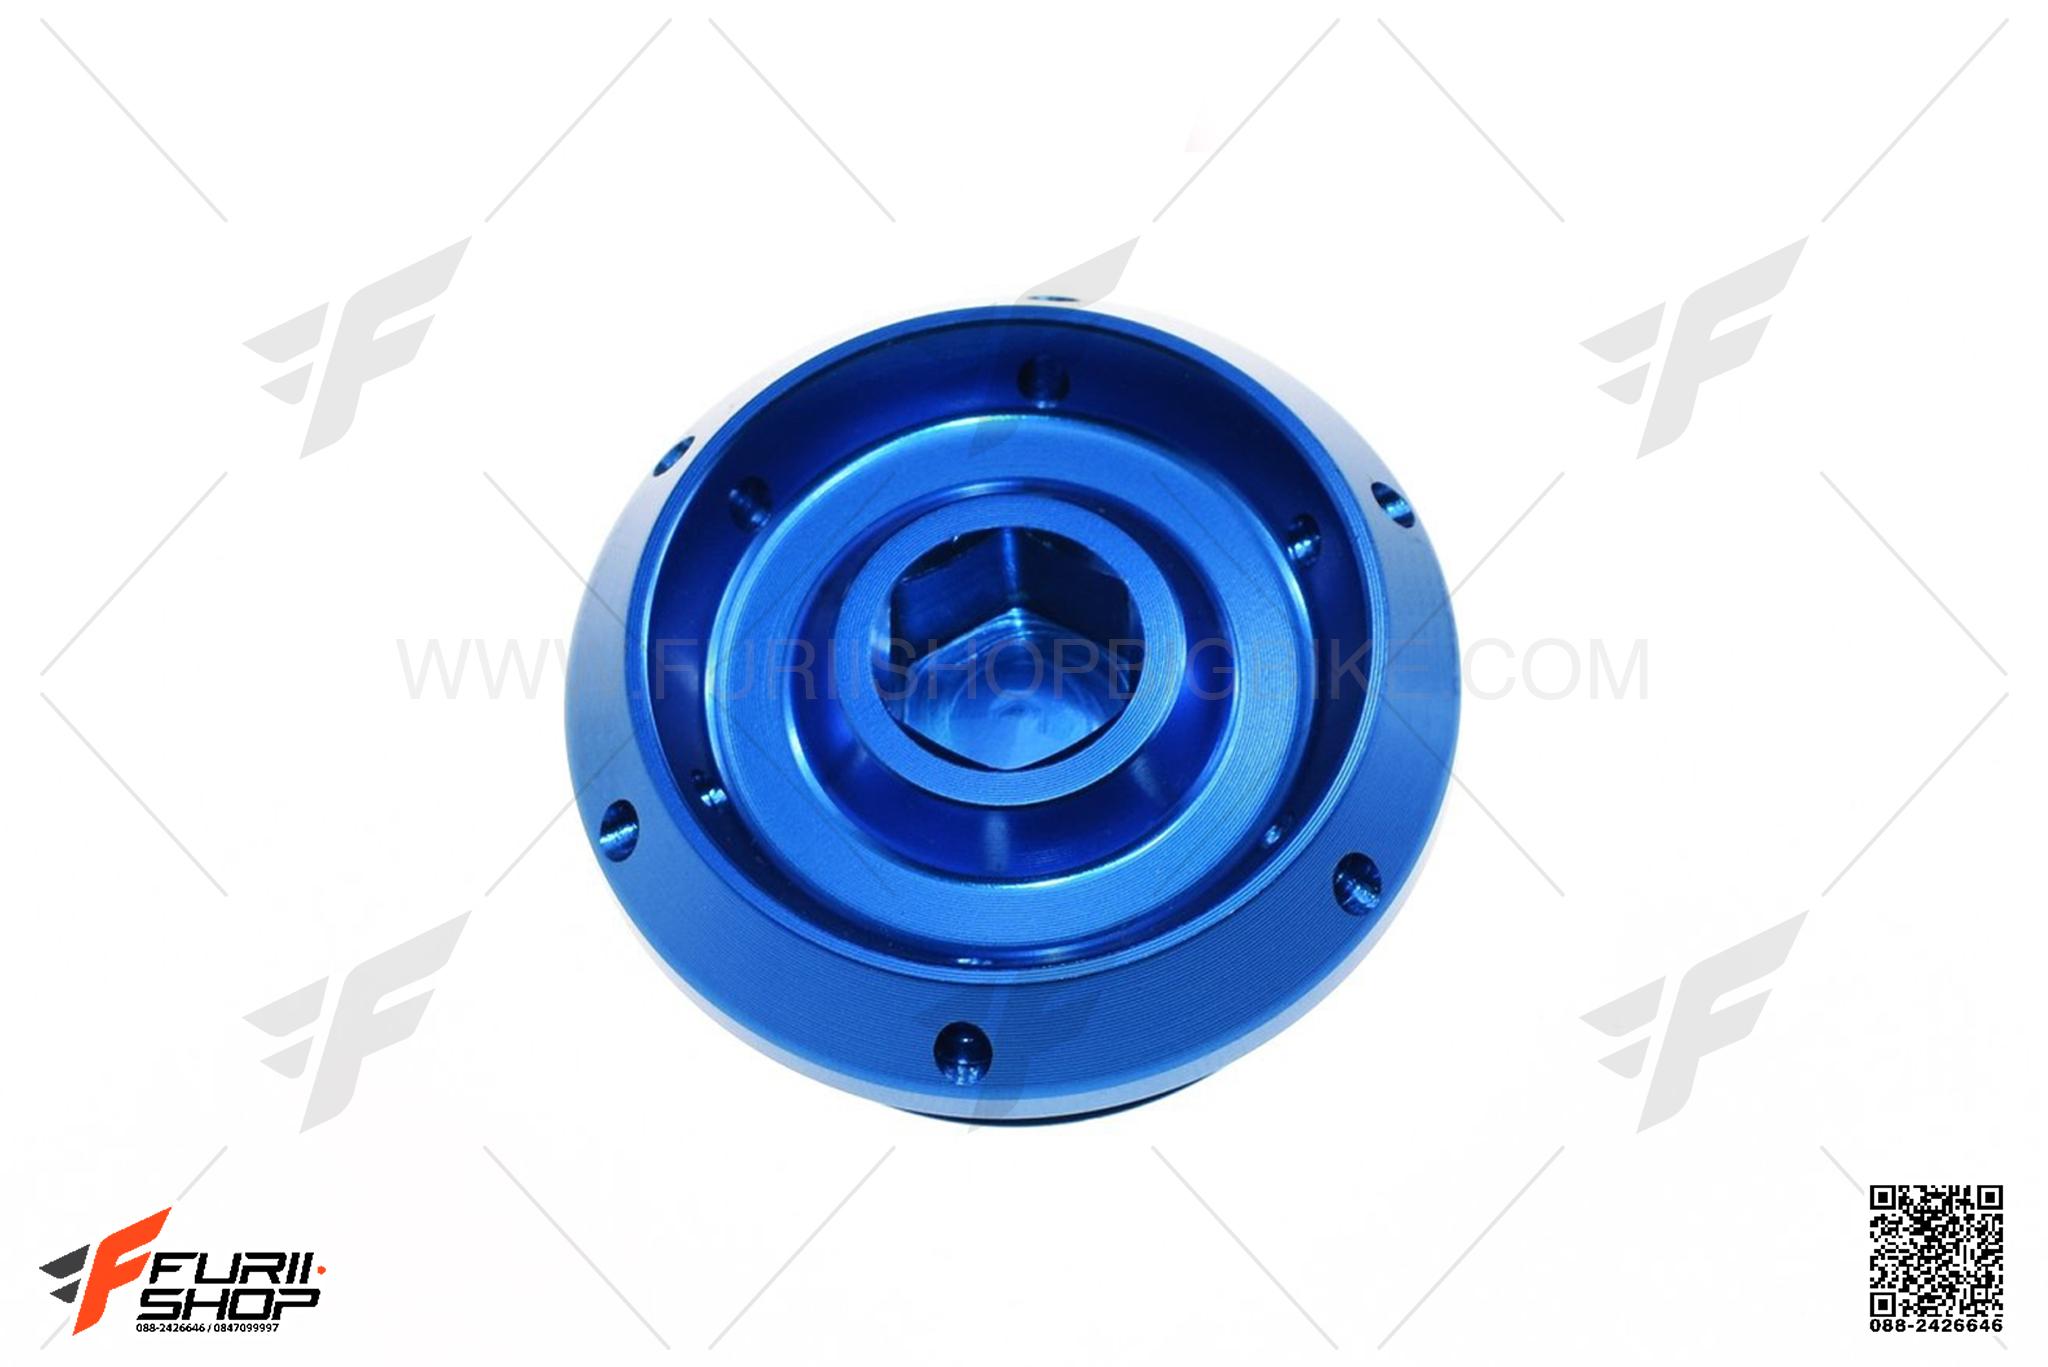 น็อตน้ำมันเครื่อง KAMUII สีน้ำเงิน FOR BMW S1000RR